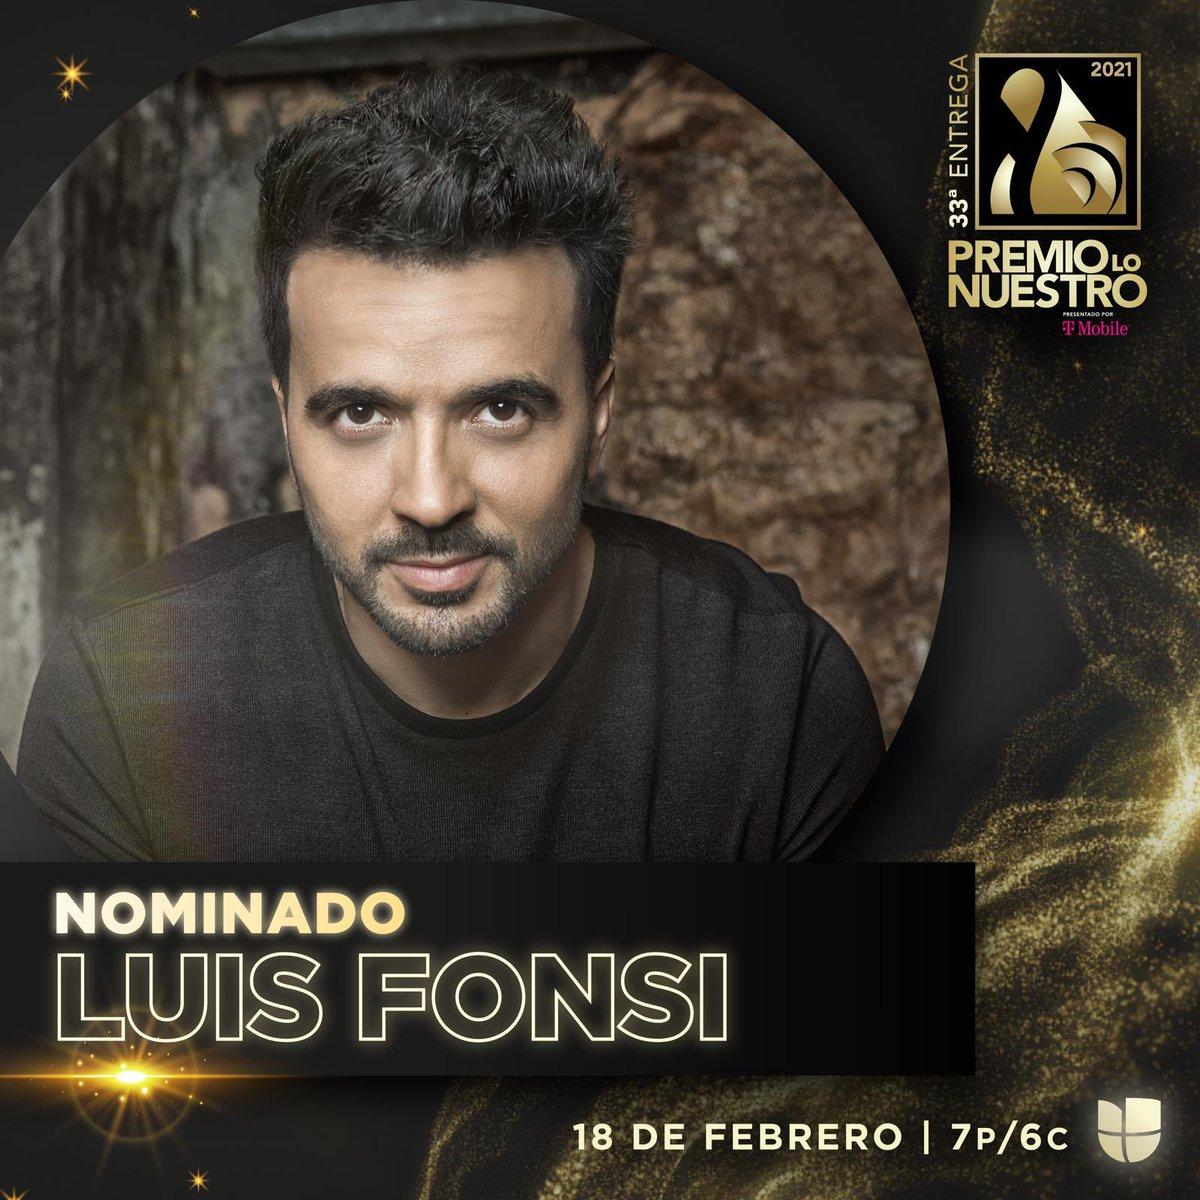 """RT LuisFonsi """"Honrado de recibir estas nominaciones tan importantes. Gracias @premiolonuestro y gracias a todos ustedes por siempre apoyar mi música. A votar se ha dicho 🙌🏽 #Girasoles #Tanto """""""